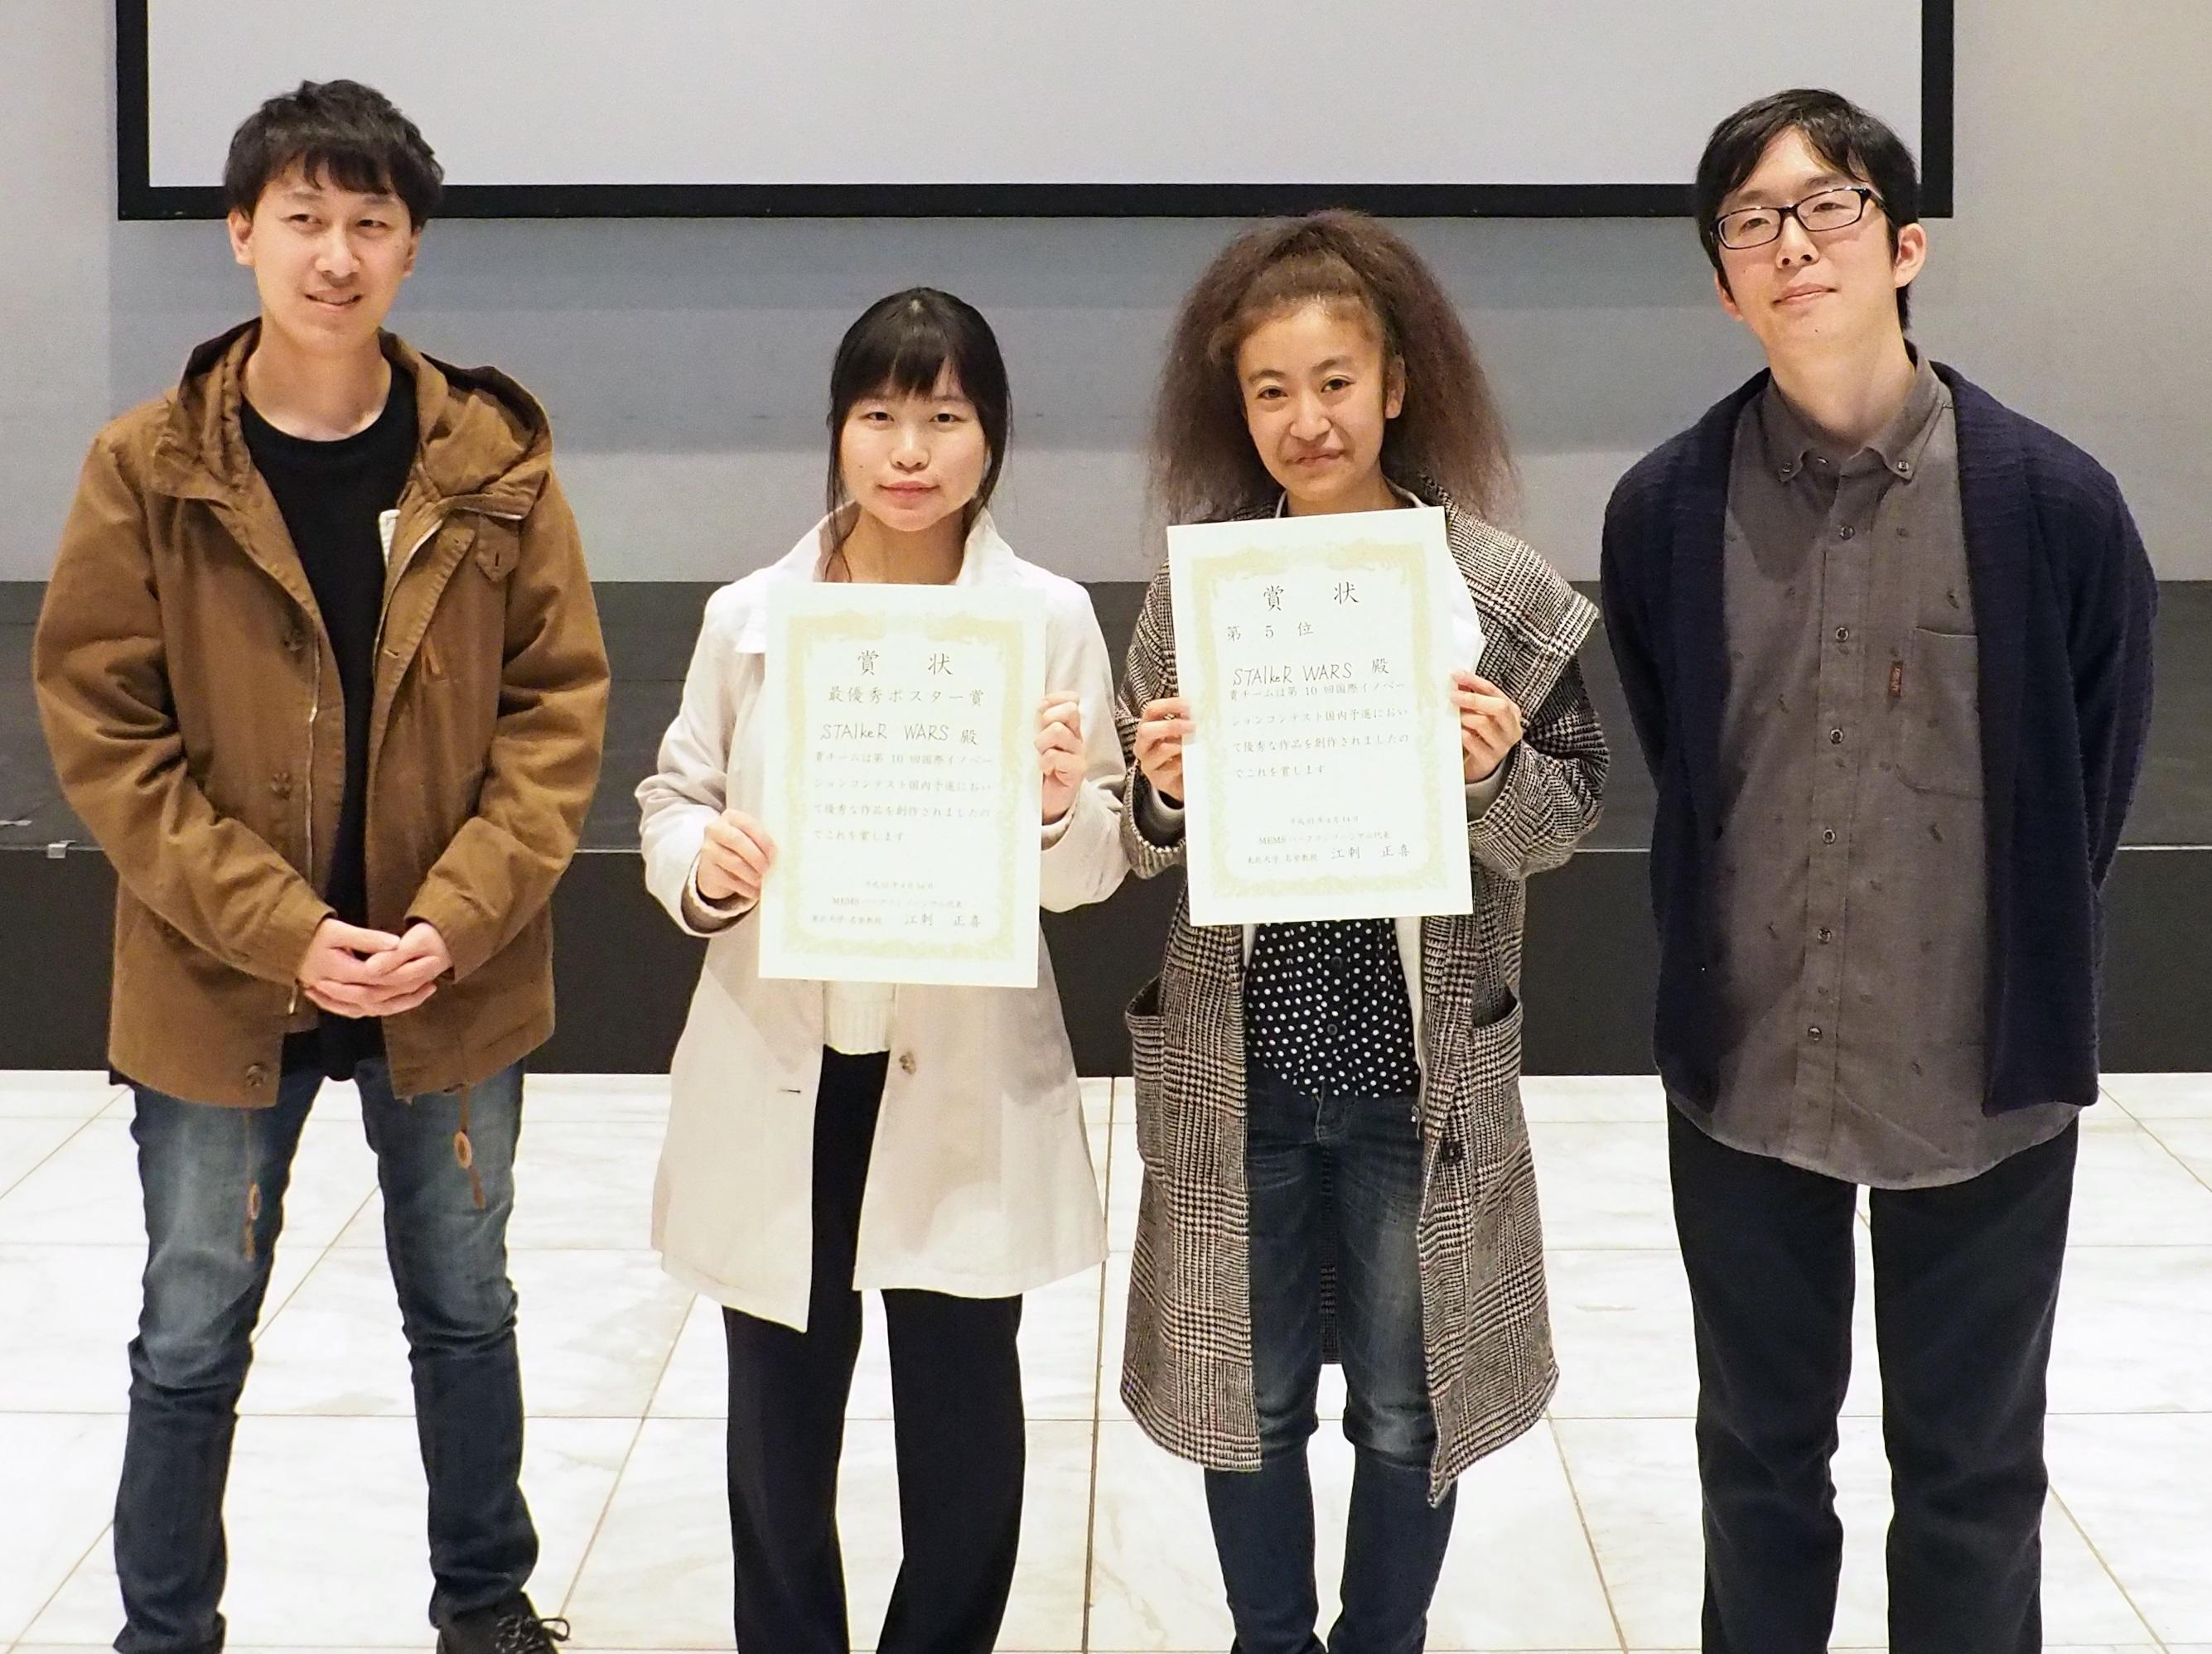 左から岩﨑さん、井上さん、鈴木さん、伊藤さん